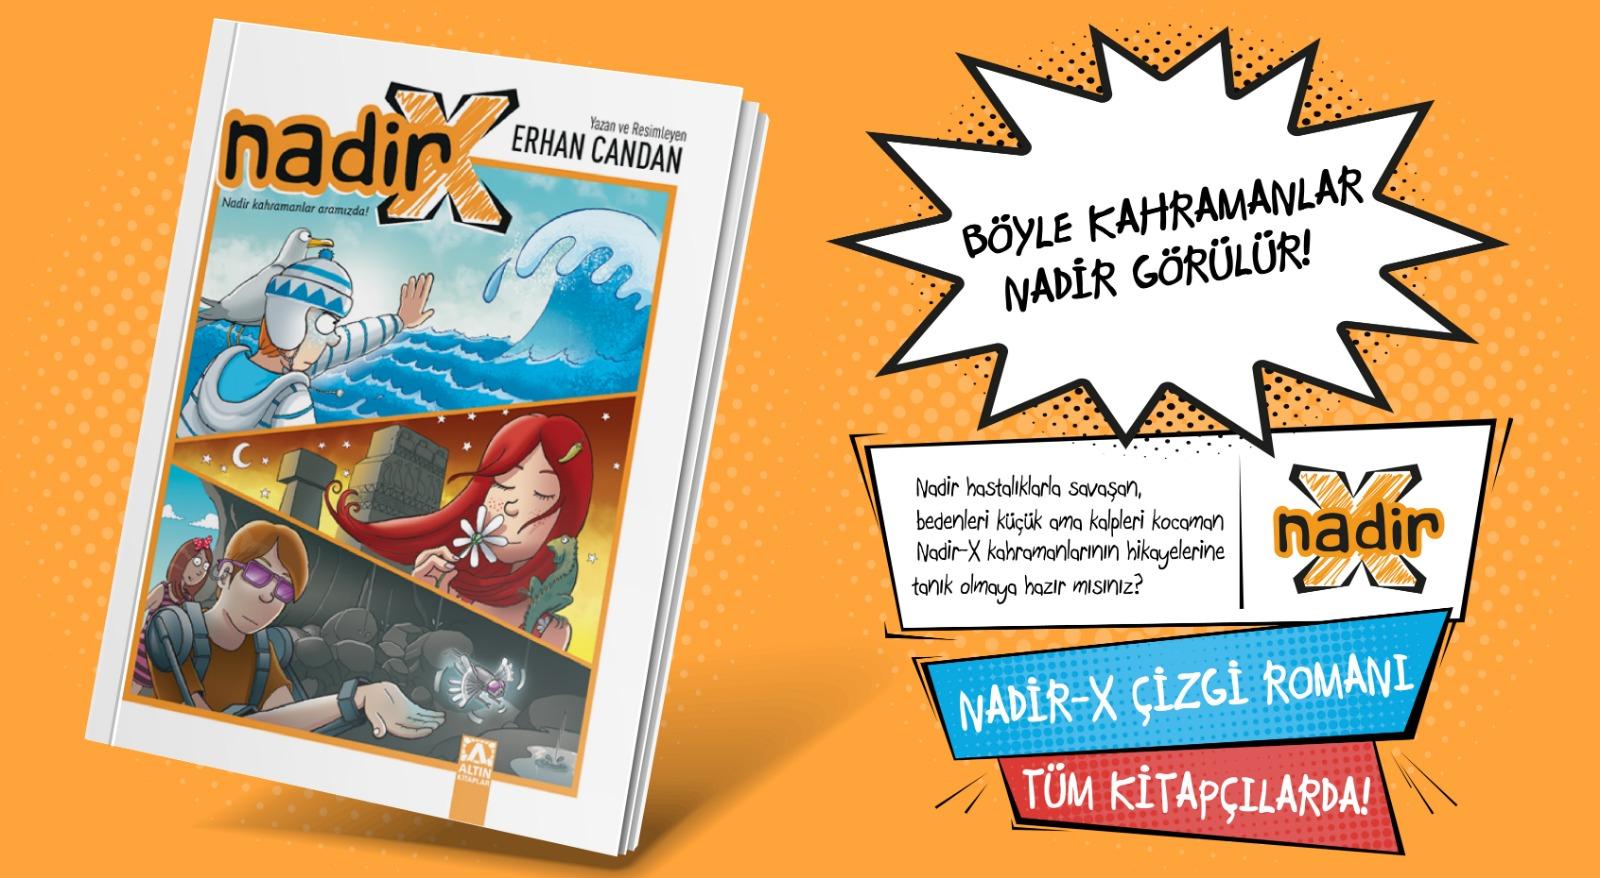 Çocuklar Nadir-X çizgi romanı ile empati kuracak